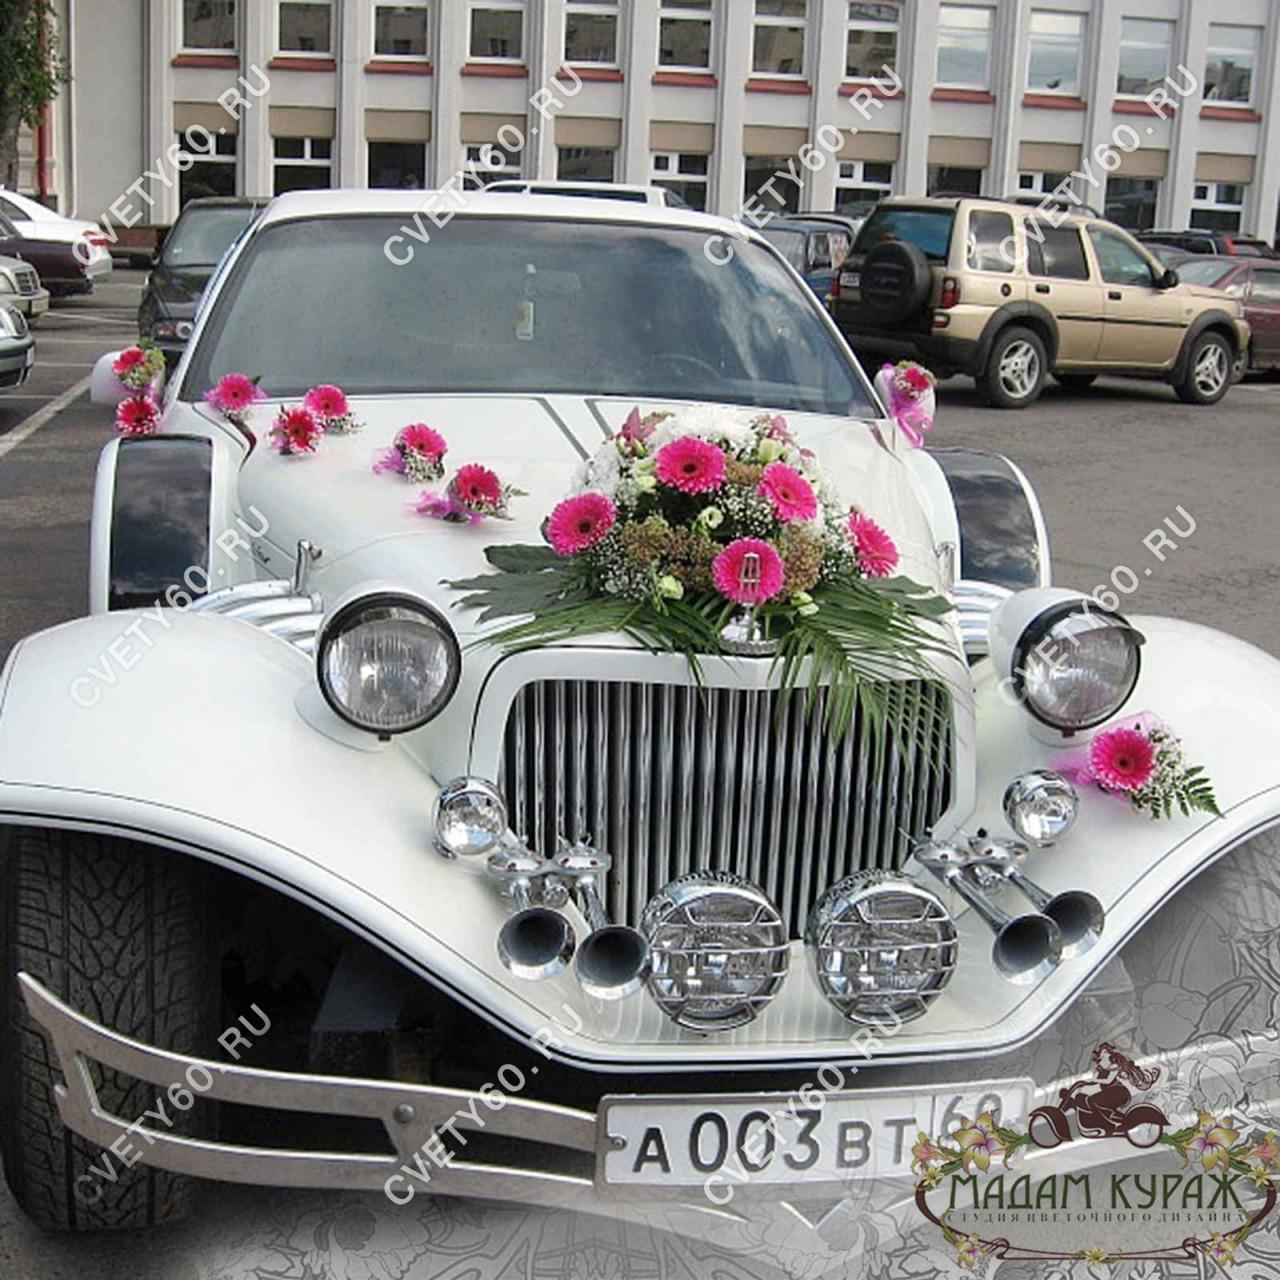 Оформление свадебной машины в ретро-стиле в Пскове